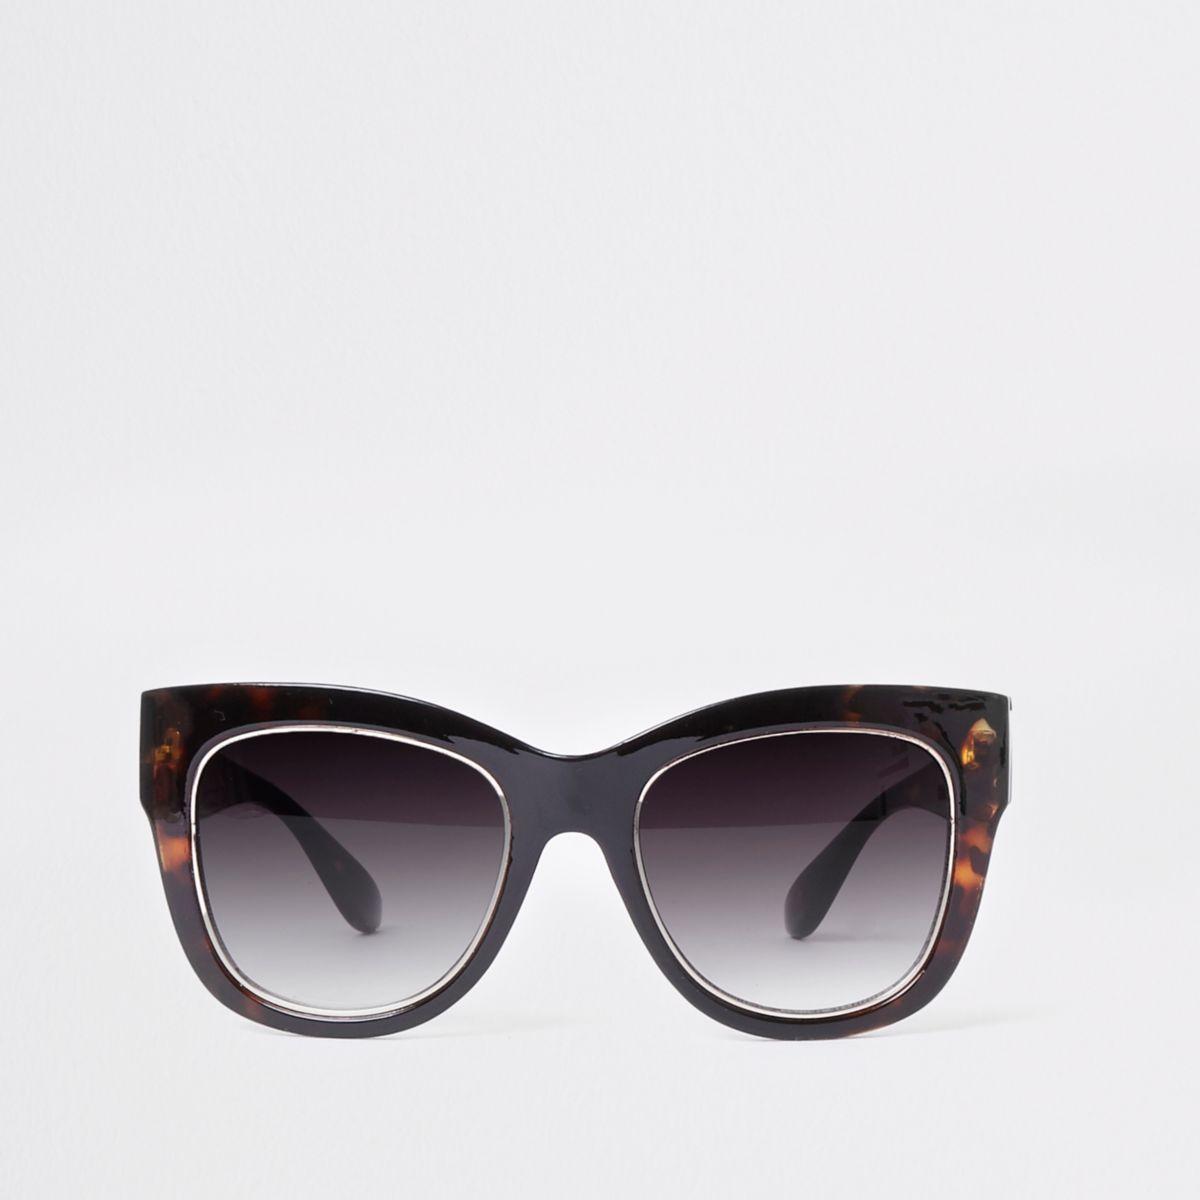 Brown tortoiseshell glam sunglasses